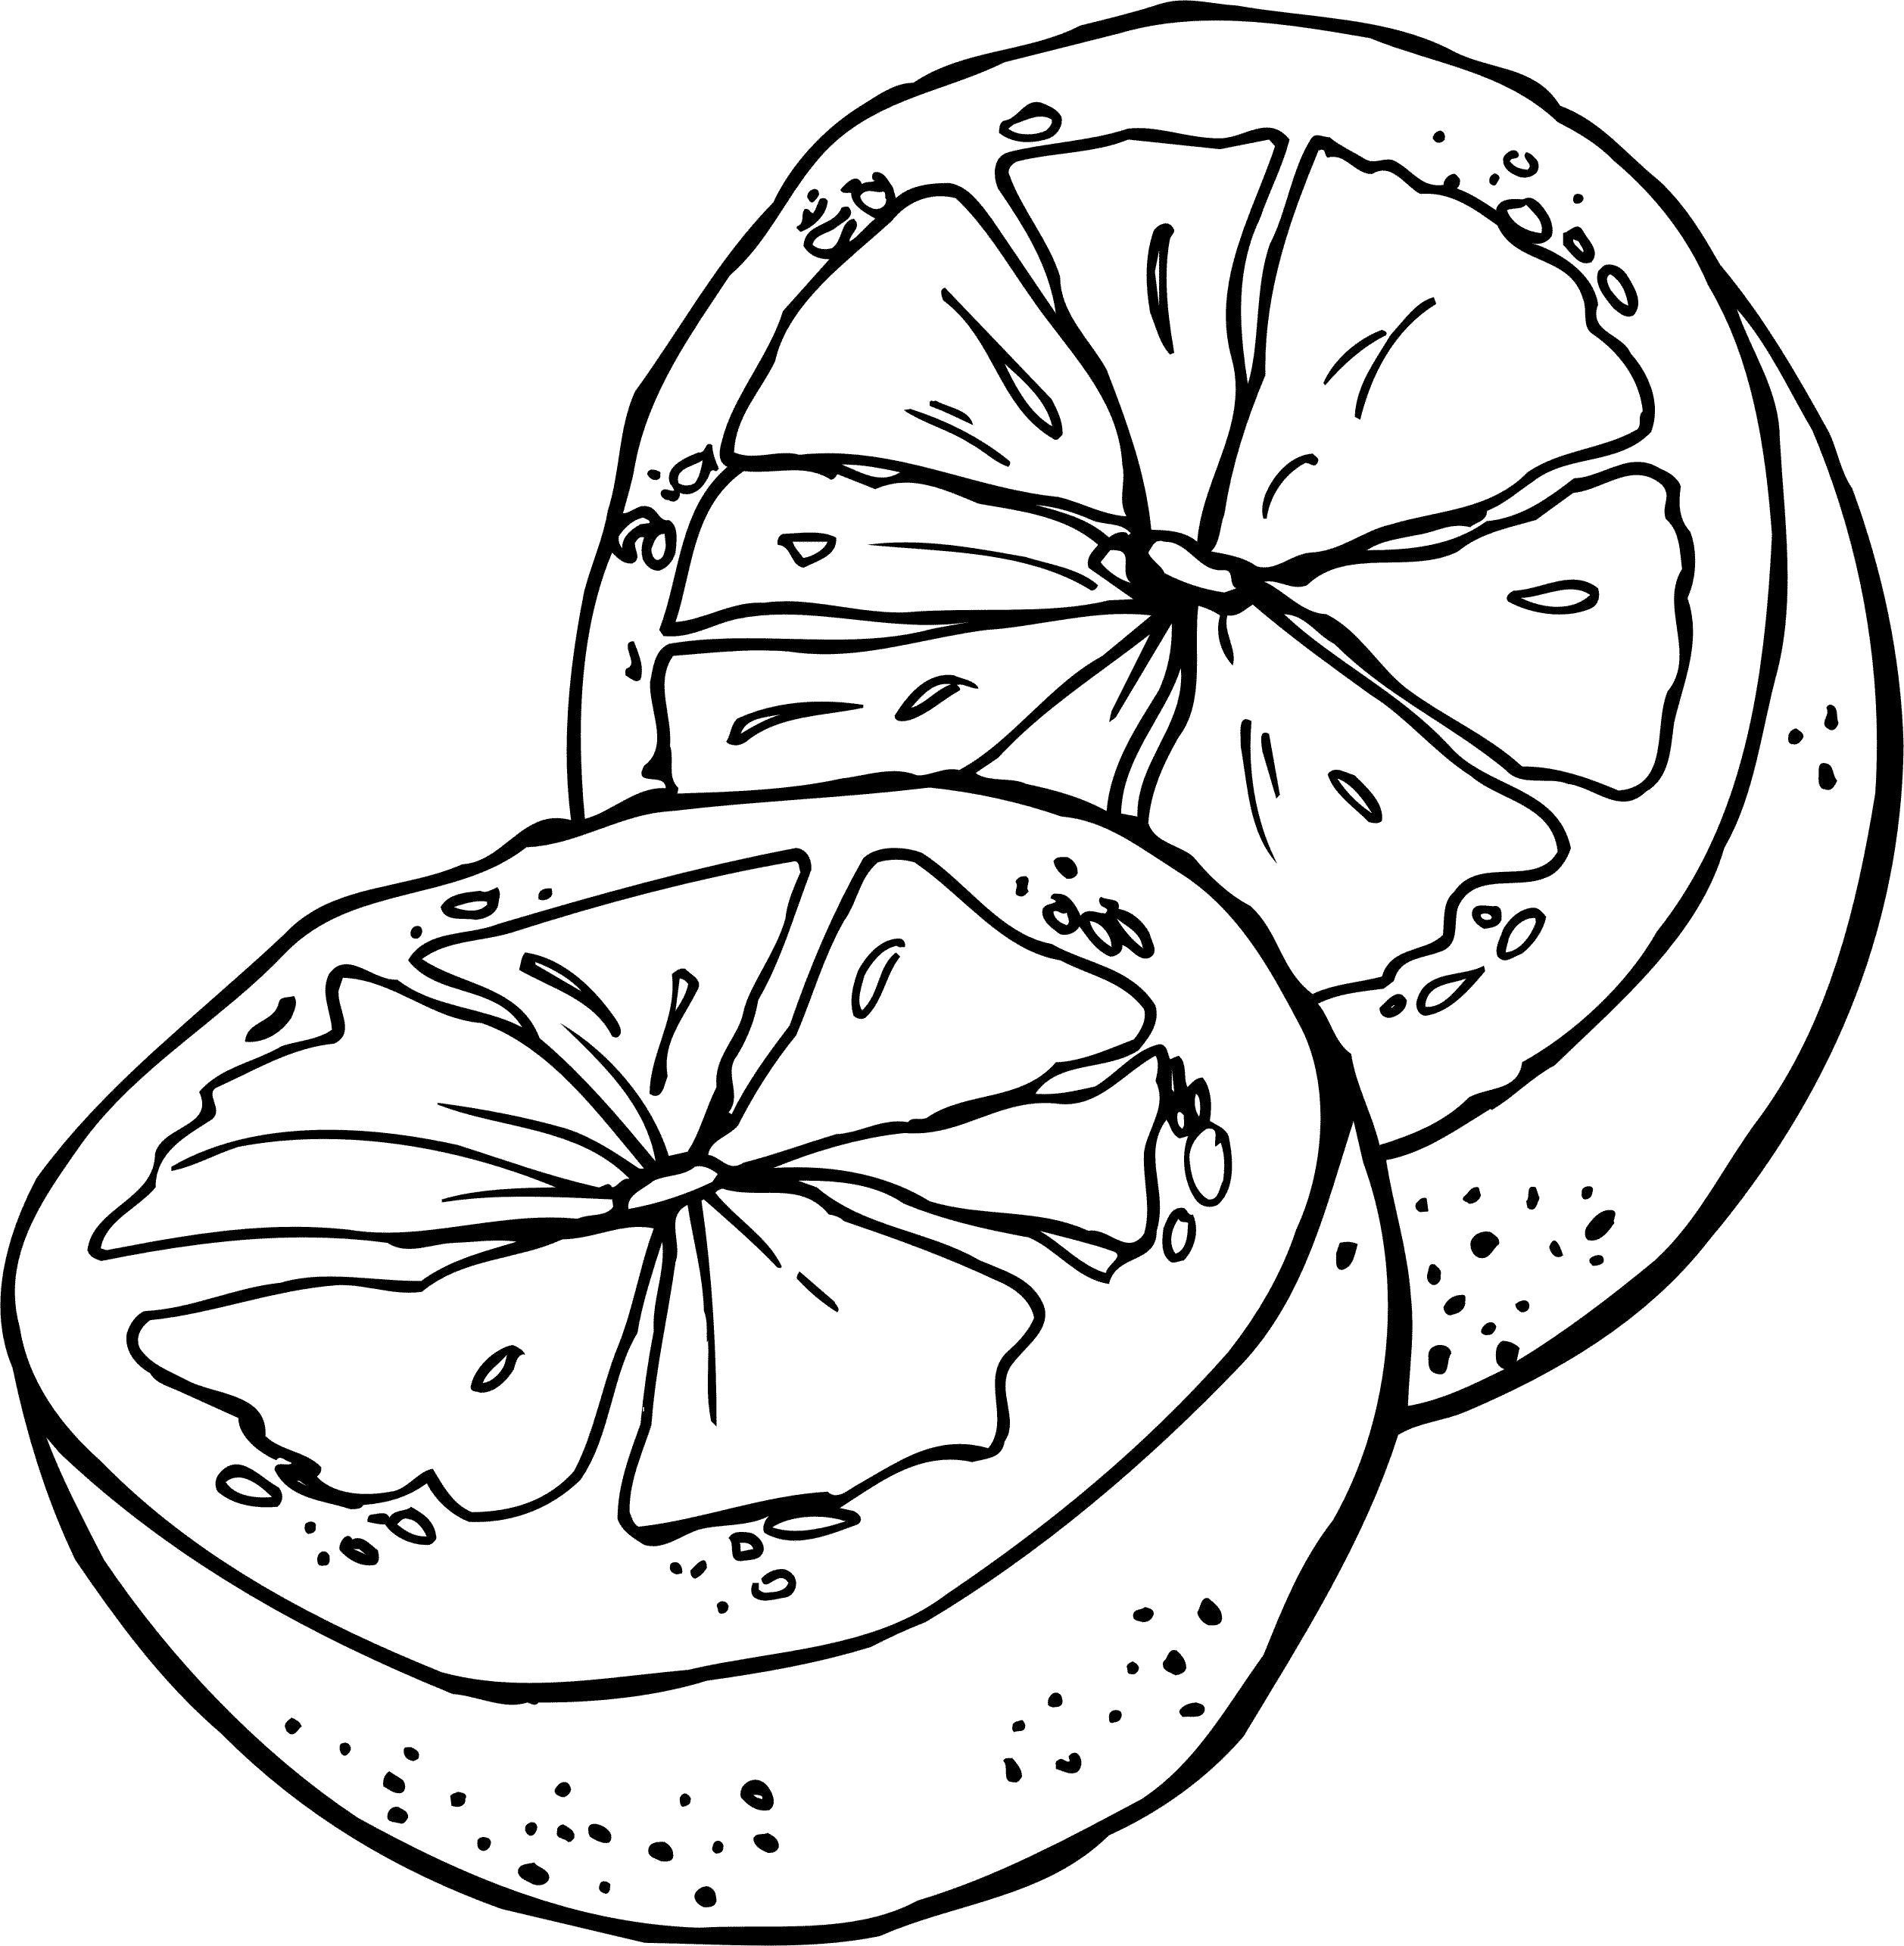 Раскраска  овощи и фрукты. Скачать Овощи.  Распечатать Овощи